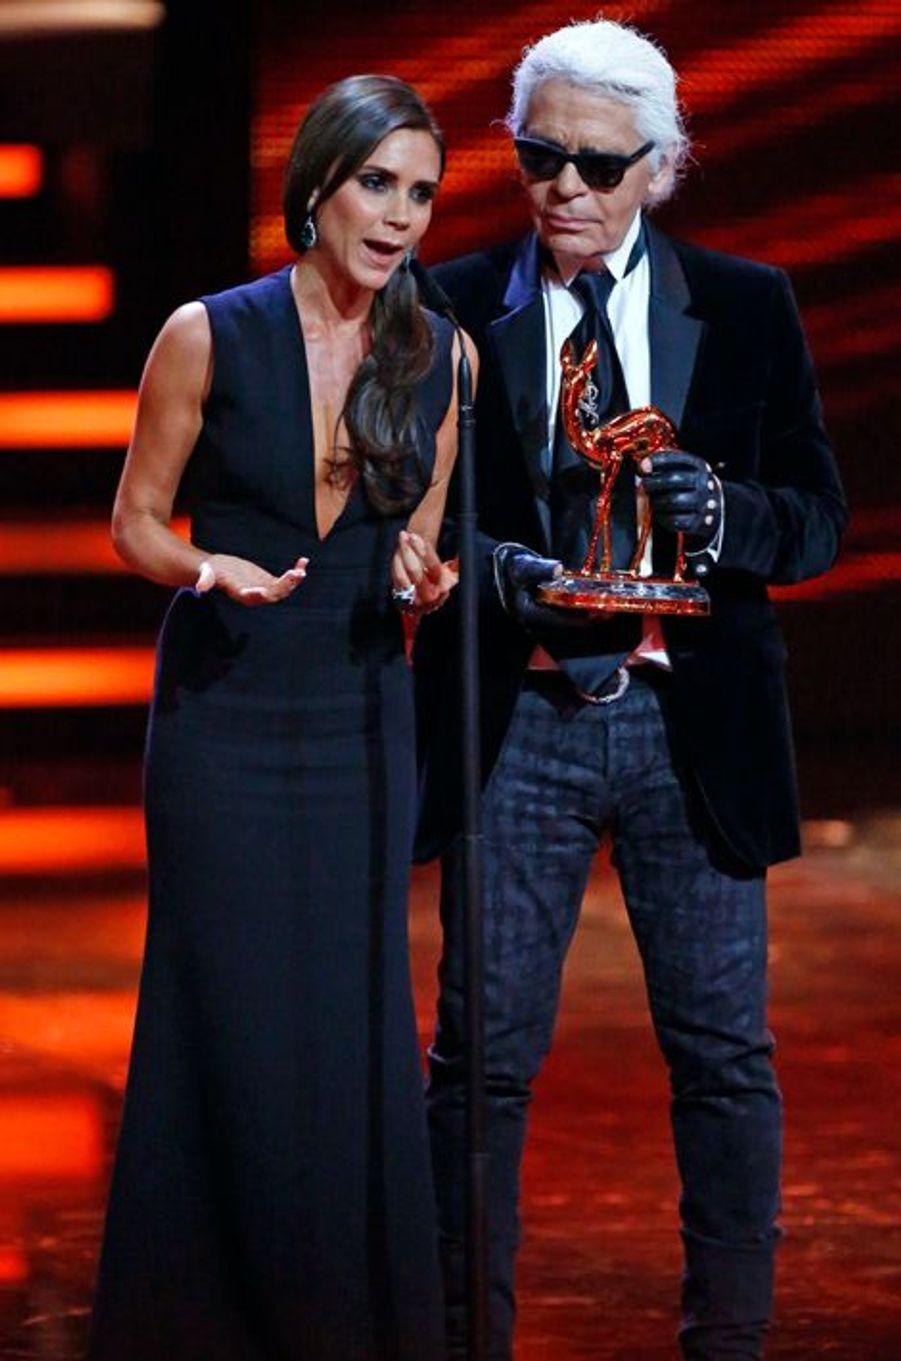 Très émue par cette récompense, Victoria Beckham a remercié ses proches pour leur soutien.